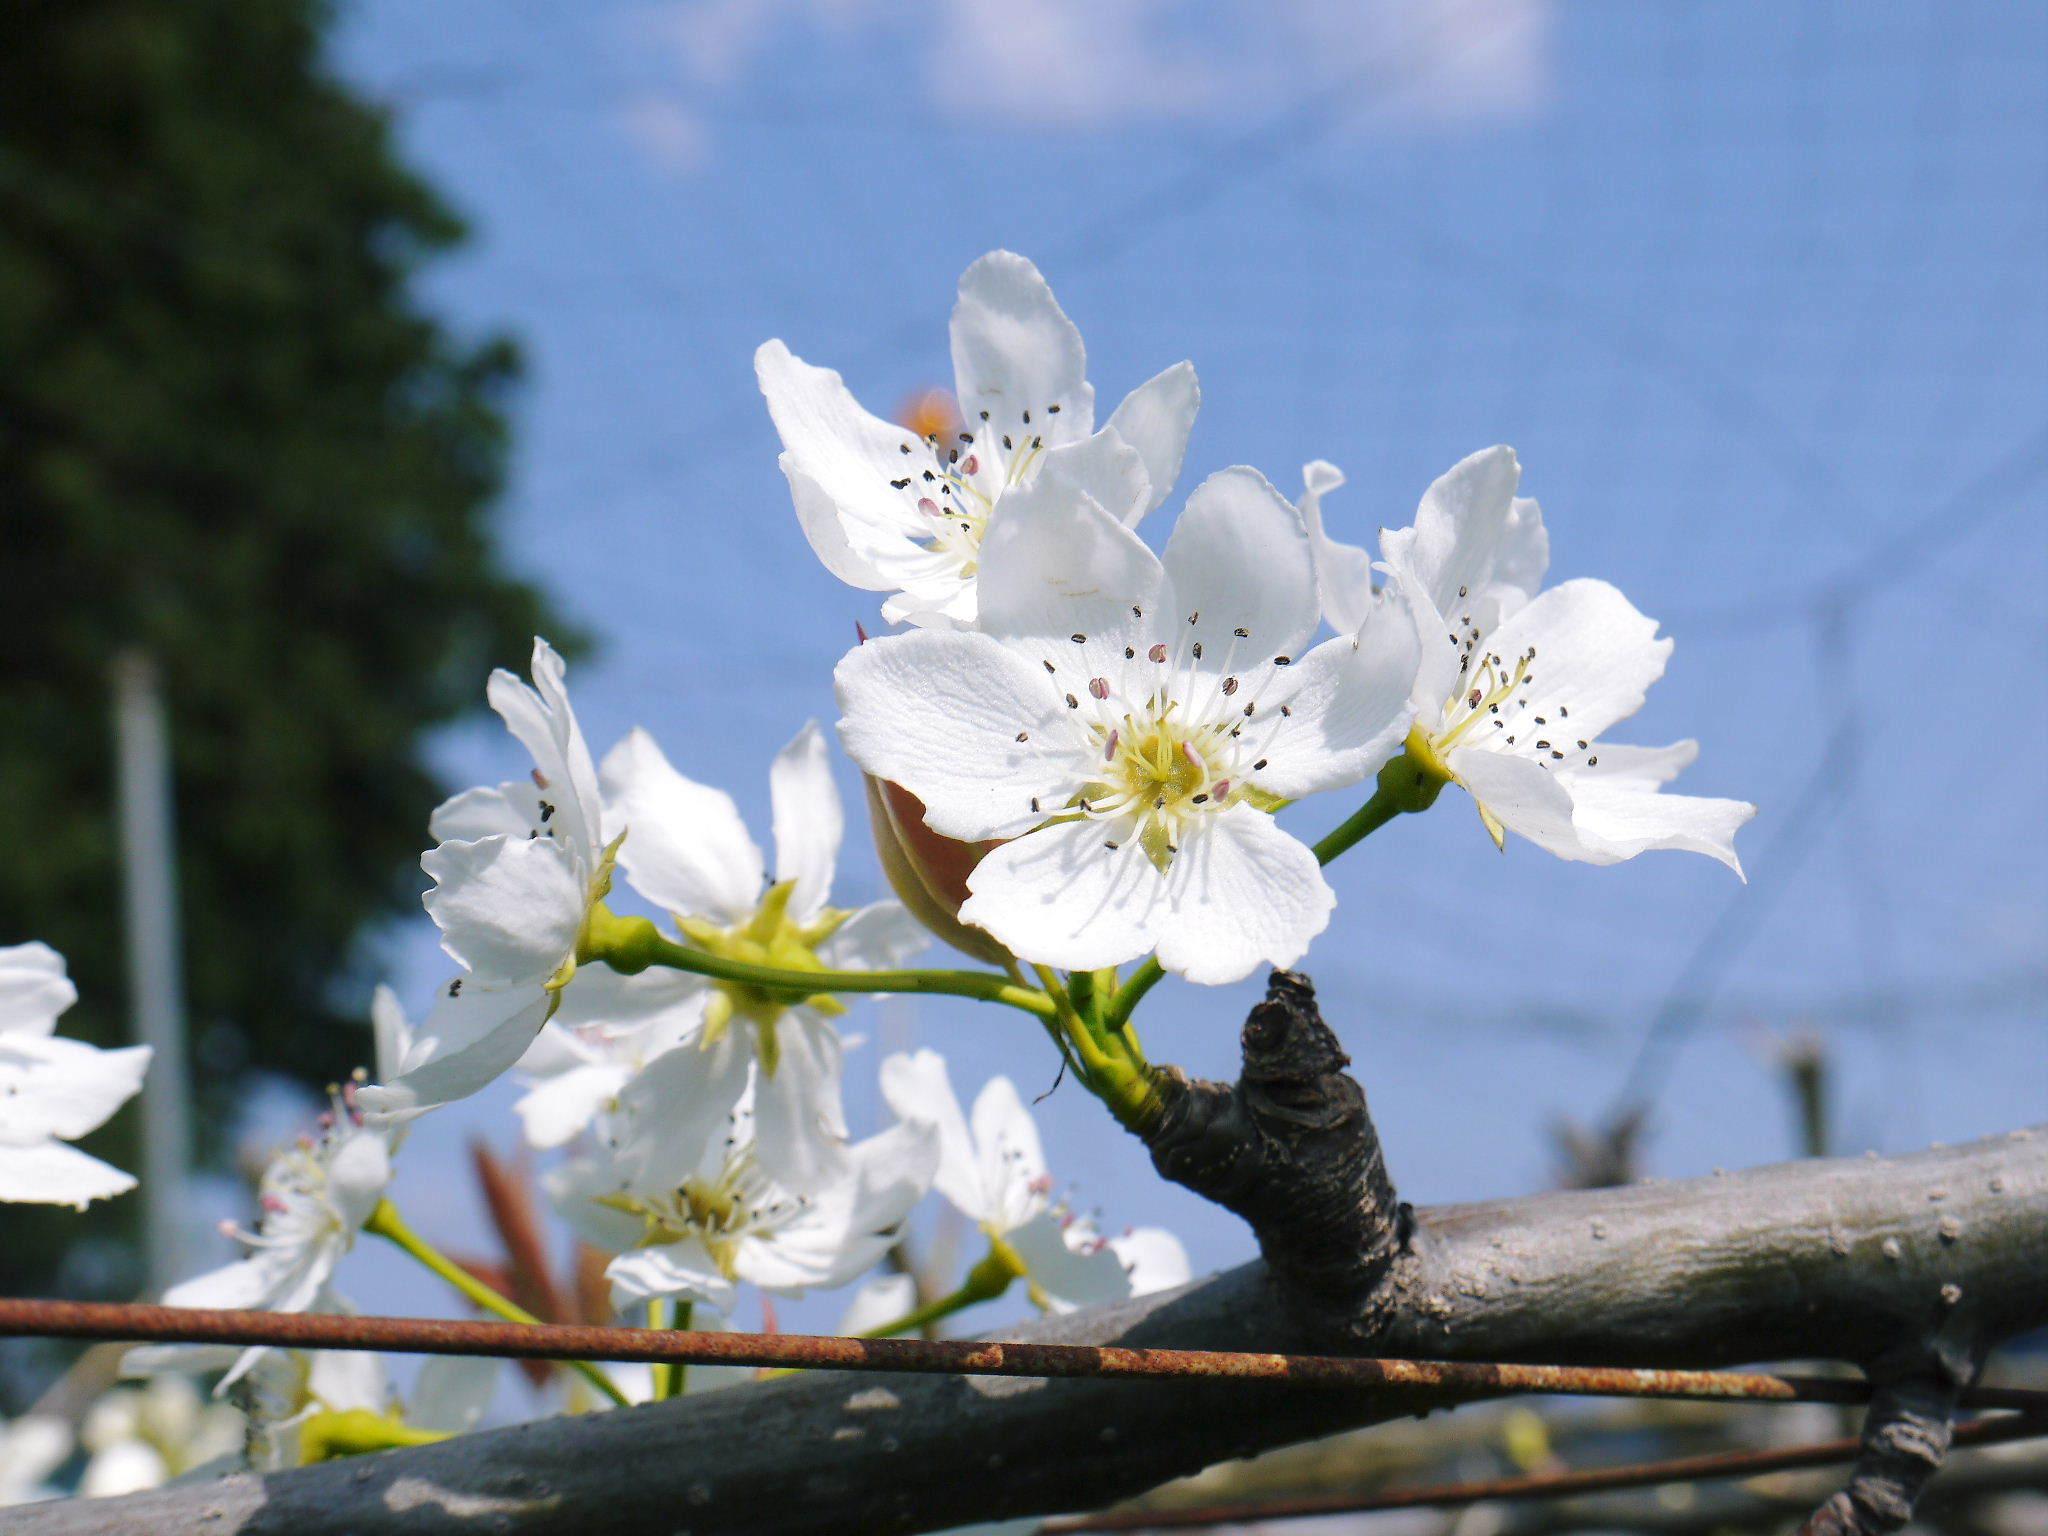 熊本梨 岩永農園 気温の上昇と共に、まずは最後に収穫する新高の花が咲き誇っていました_a0254656_19113774.jpg